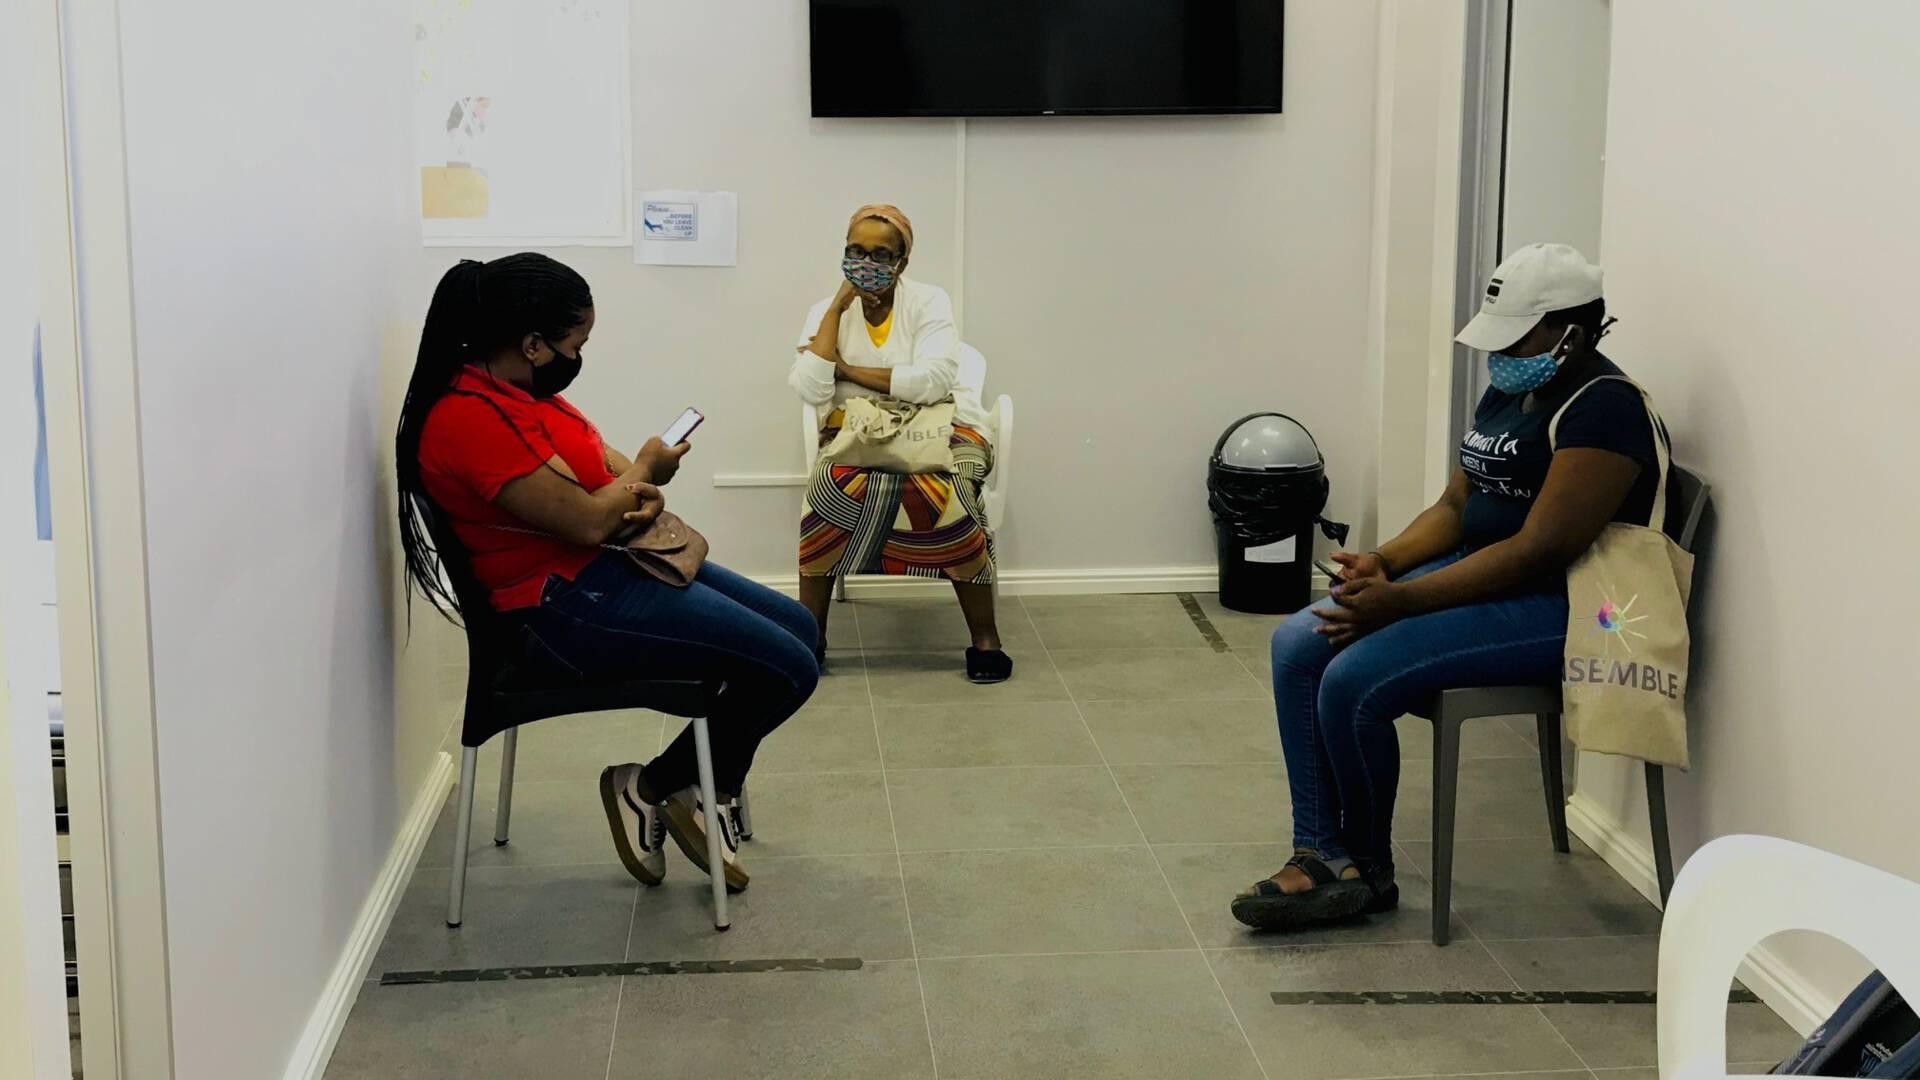 Covid-19: La Côte d'Ivoire veut démarrer sa campagne de vaccination «dès le 15 février»